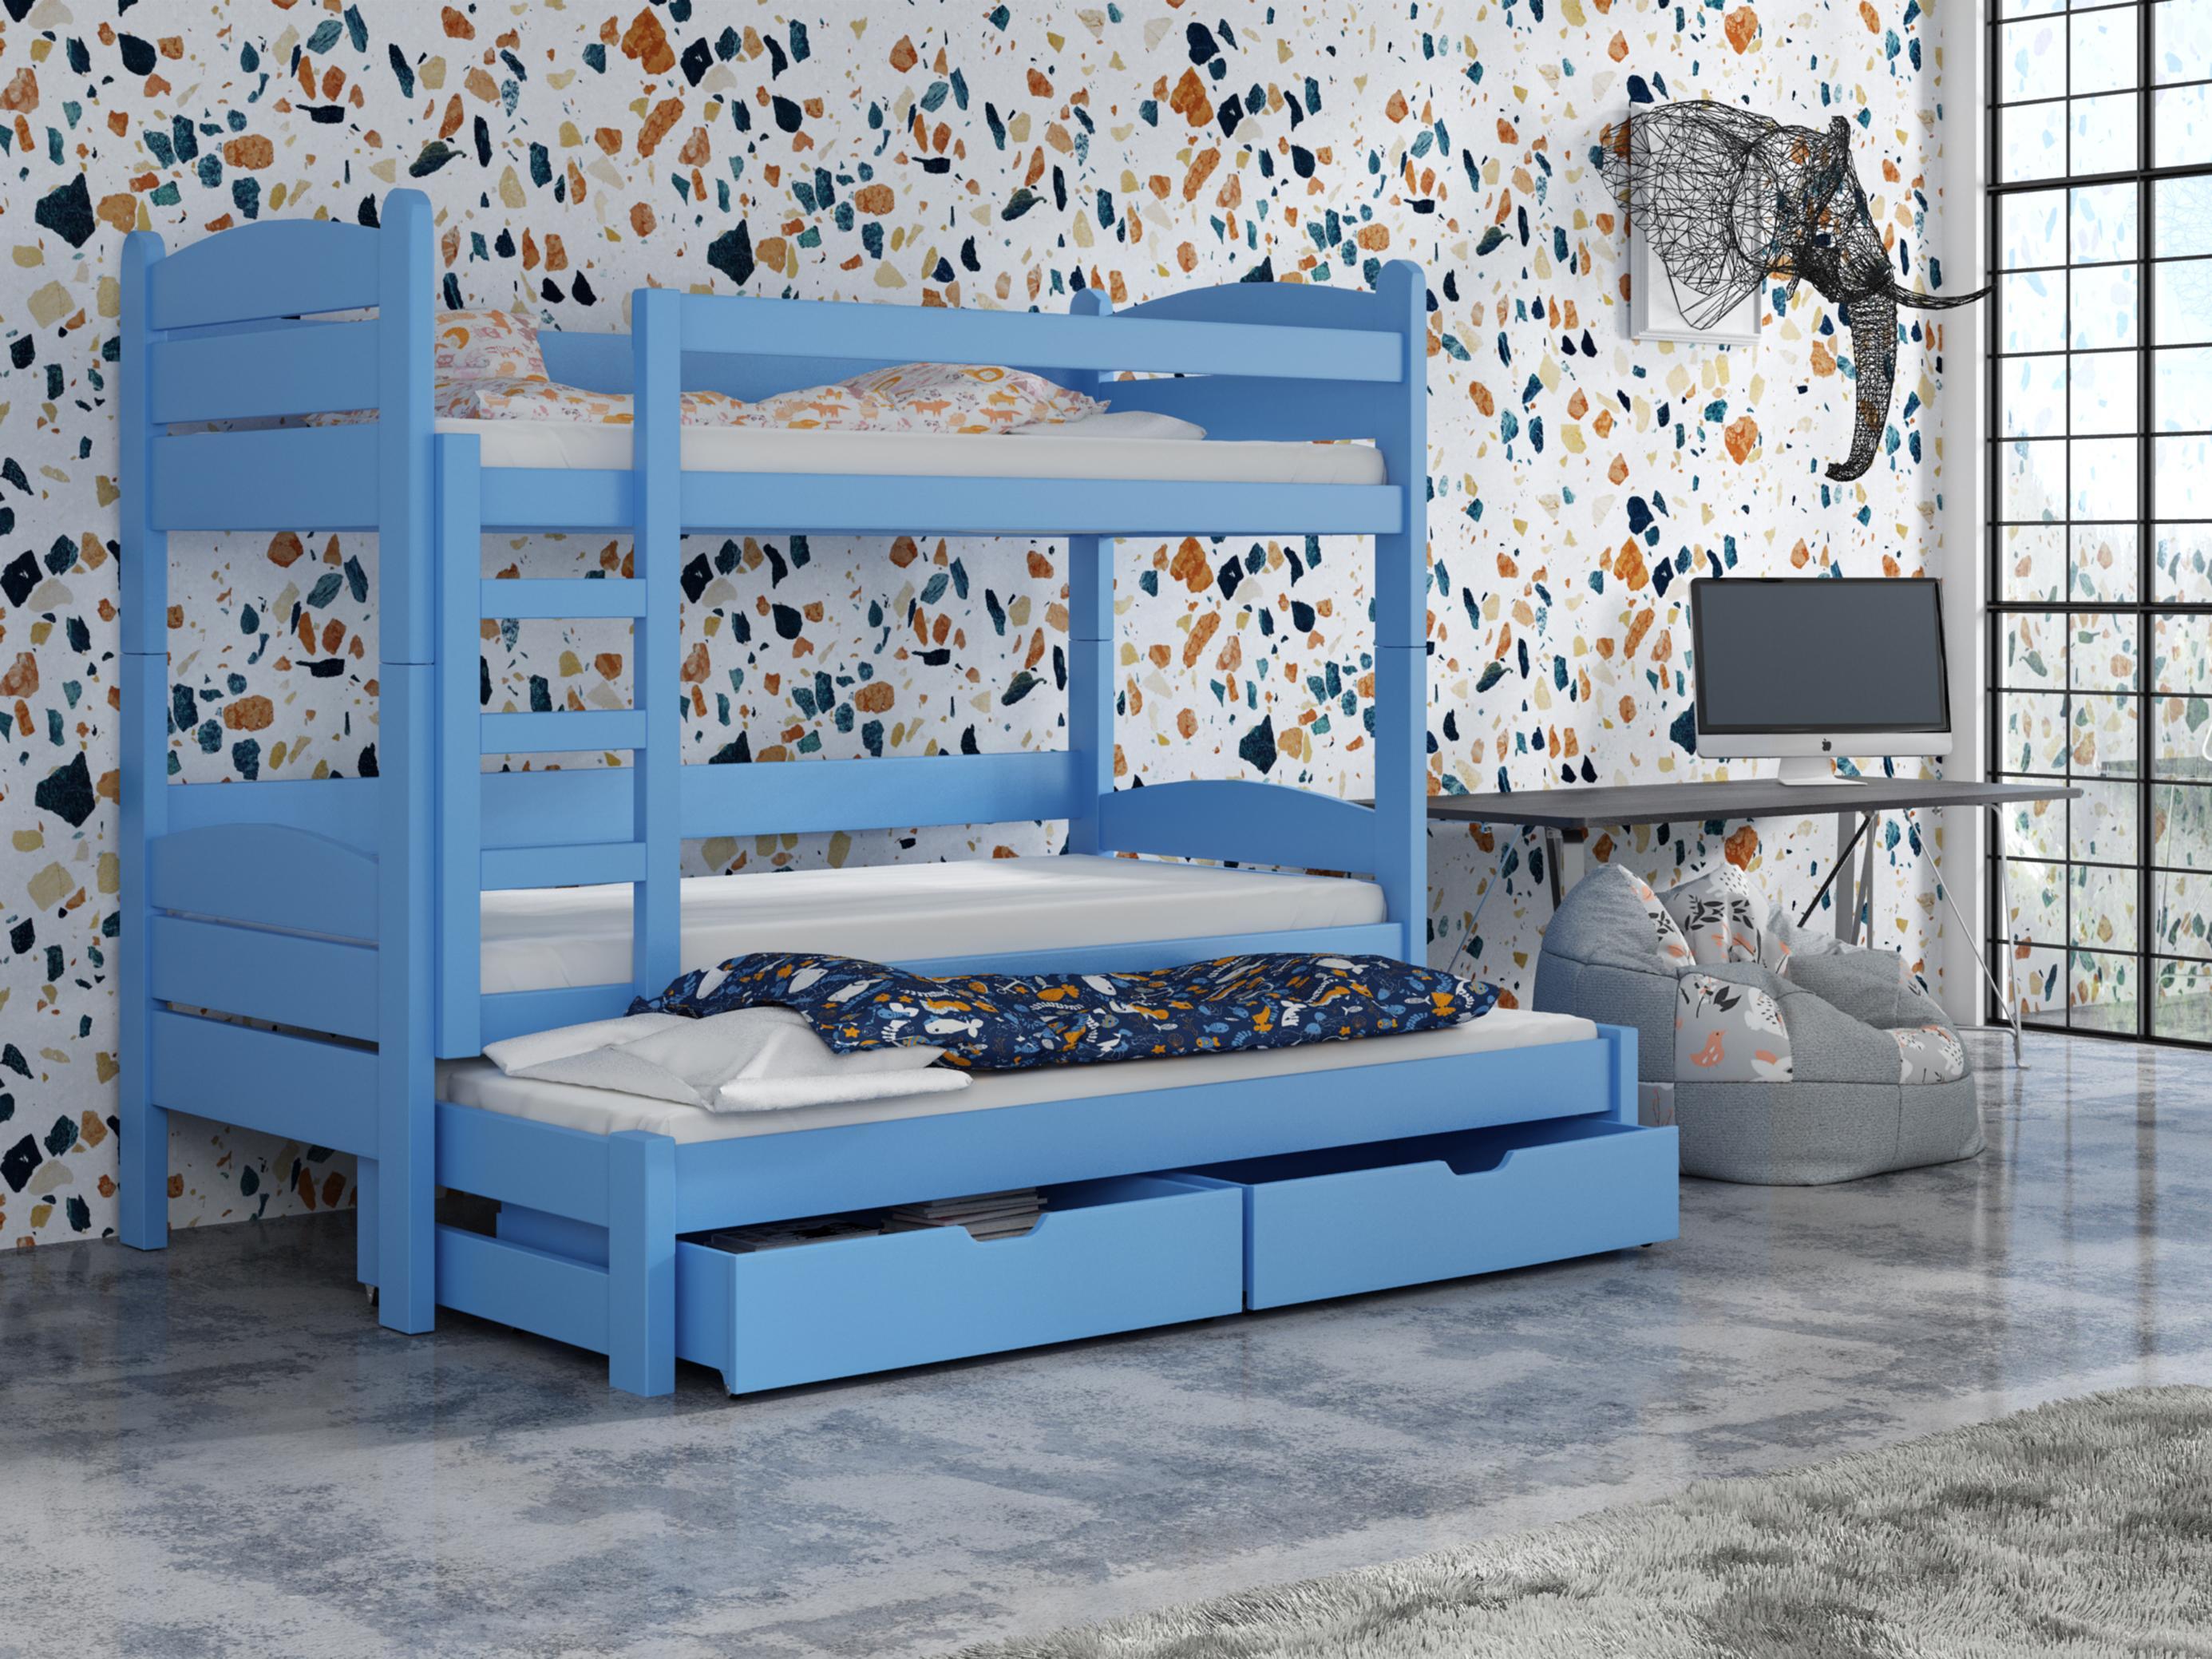 Detská poschodová posteľ 90 cm - Celsa (modrá). Akcia -33%. Vlastná spoľahlivá doprava až k Vám domov.